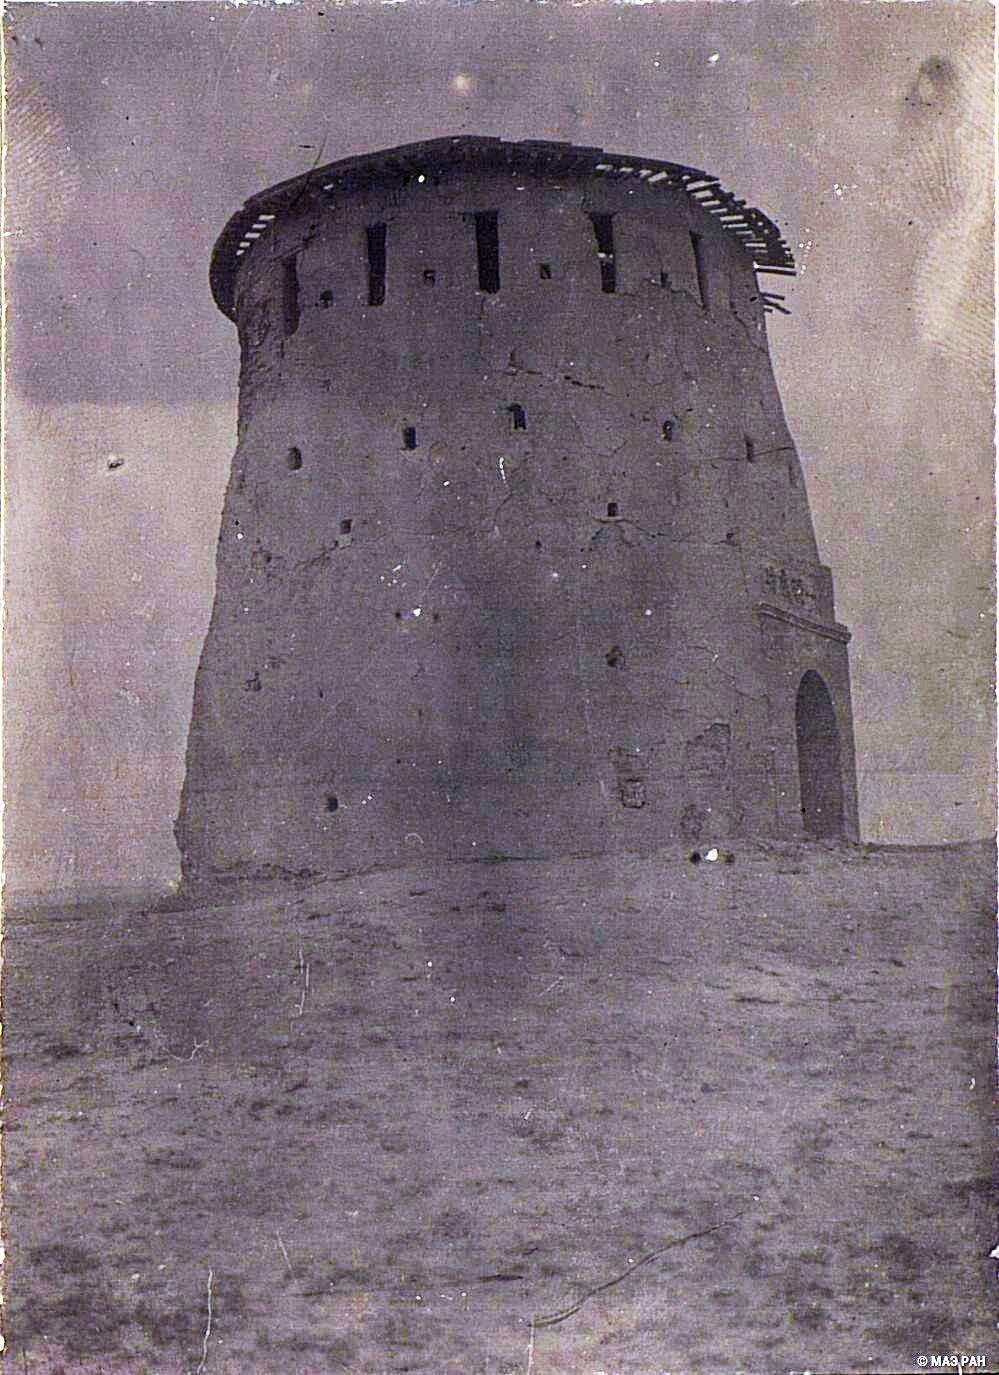 11. Путь от Урумчи до Турфана. Остатки артиллерийской башни около города Урумчи времен усмирения дунганского восстания